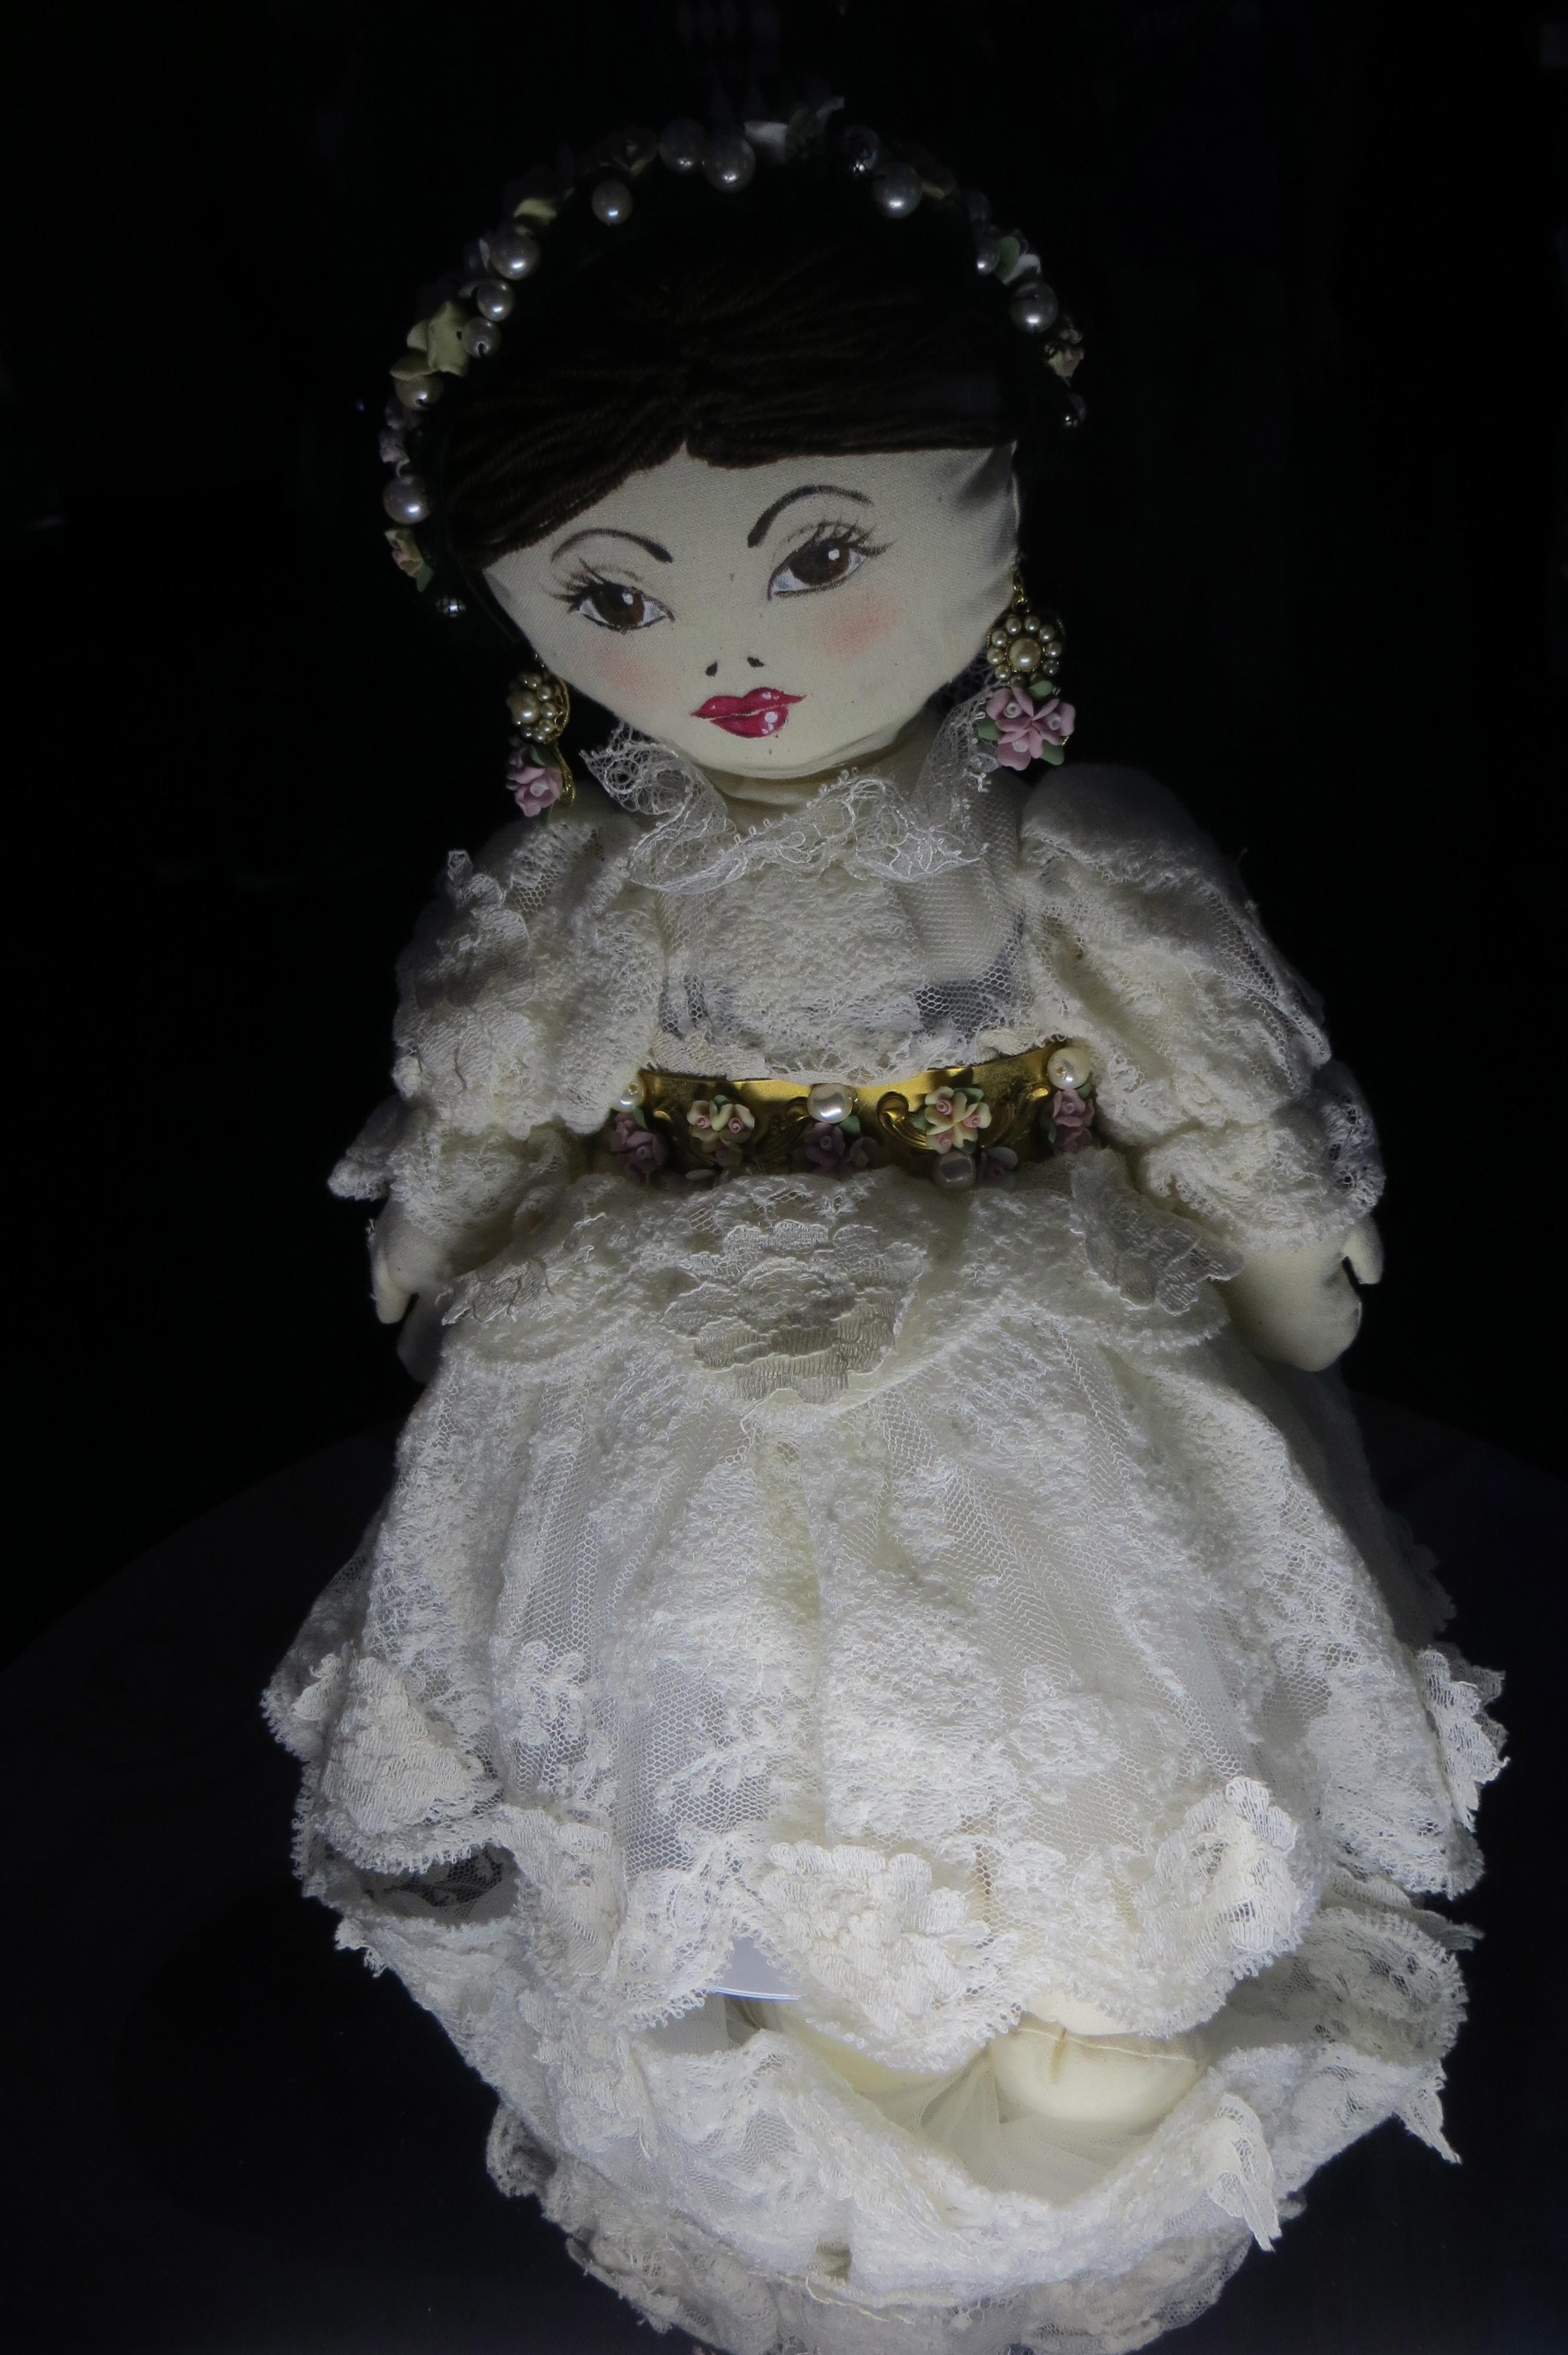 Dolce & Gabbana doll 2012